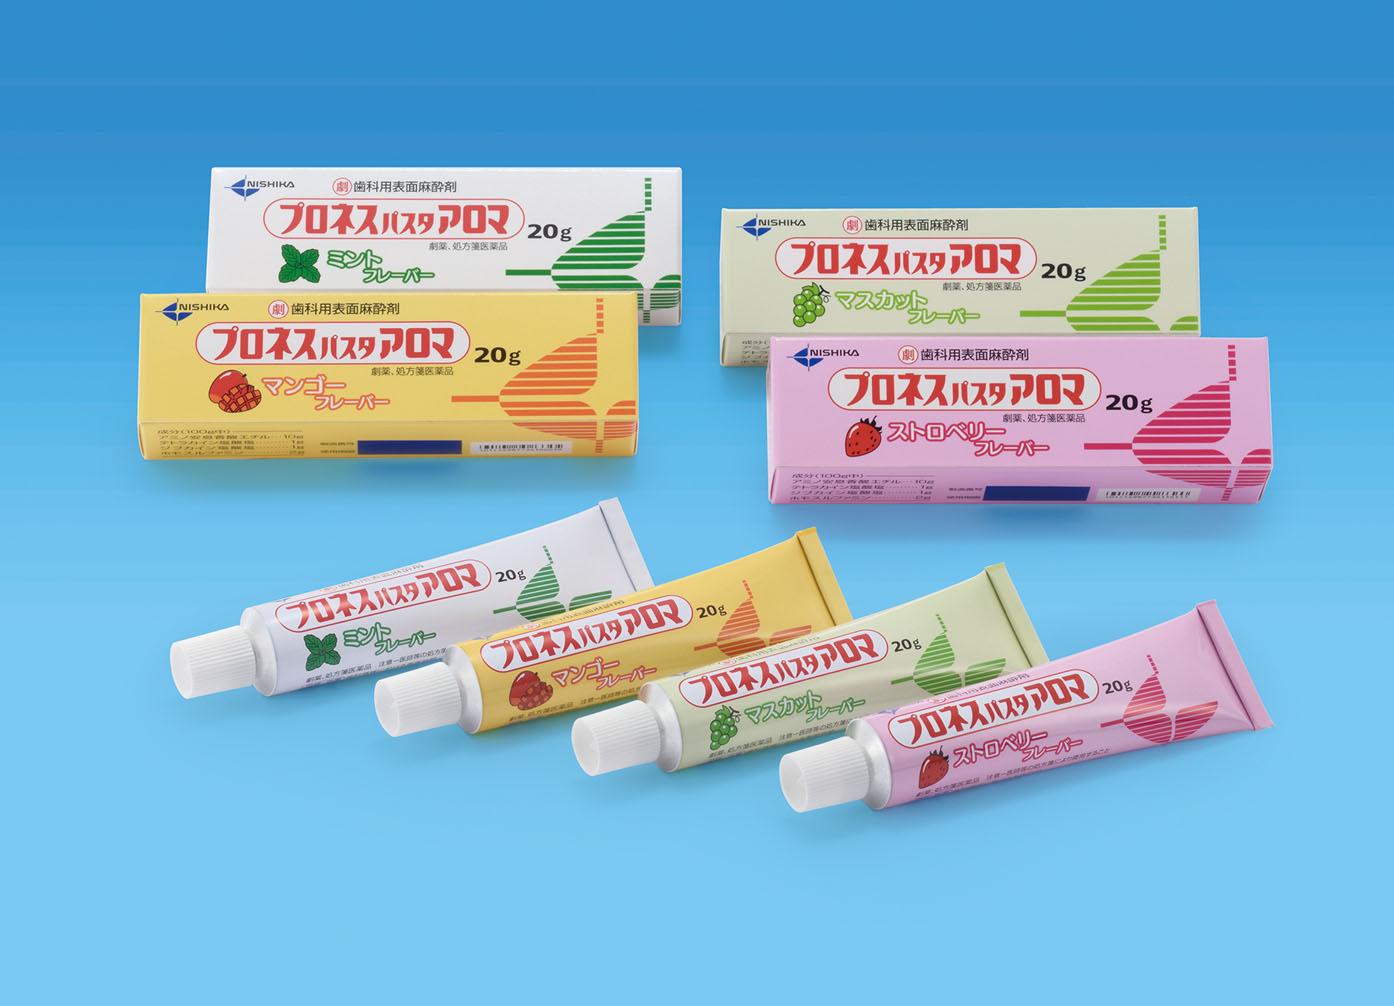 歯科用表面麻酔剤「プロネスパスタアロマ」の写真